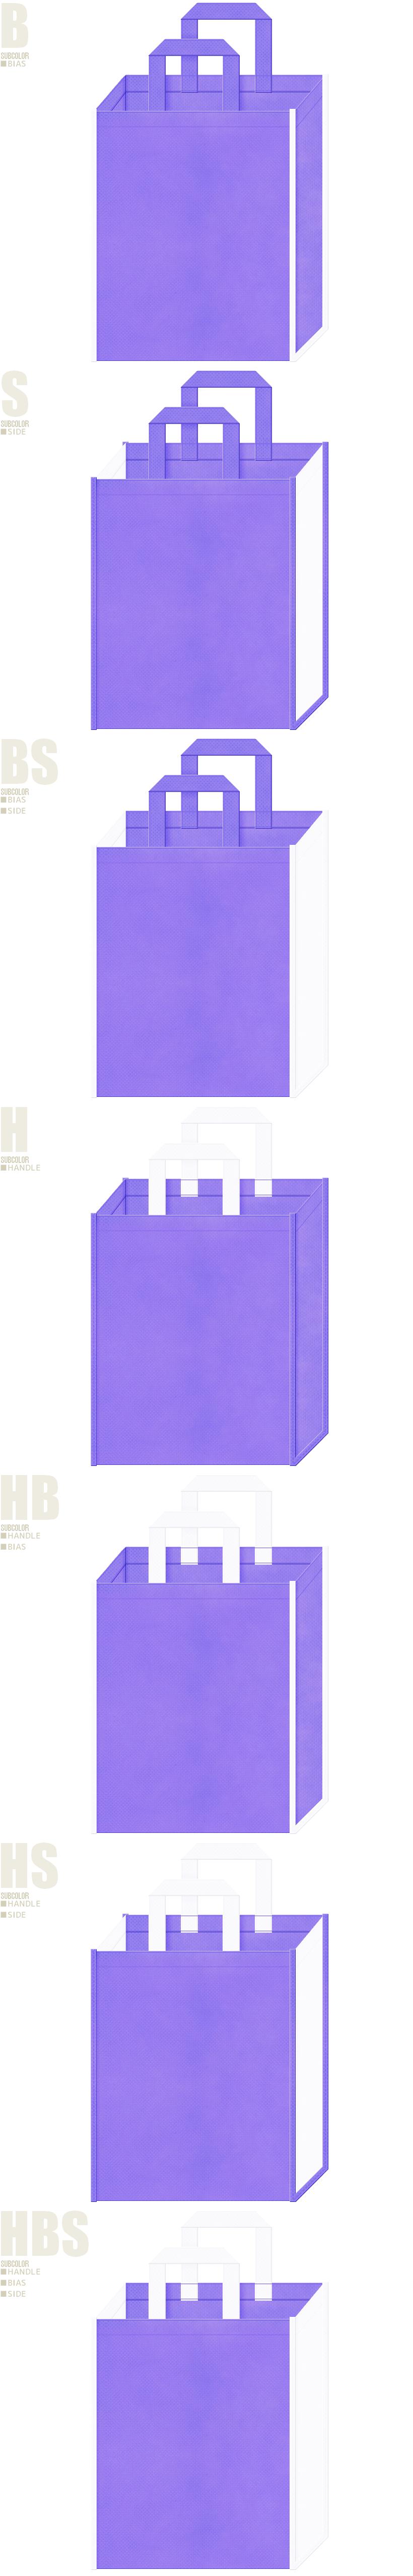 クール・衛生・サービスロボット・産業ロボット・医療施設・福祉施設・保育施設・介護施設にお奨めの不織布バッグデザイン:薄紫色と白色の配色7パターン